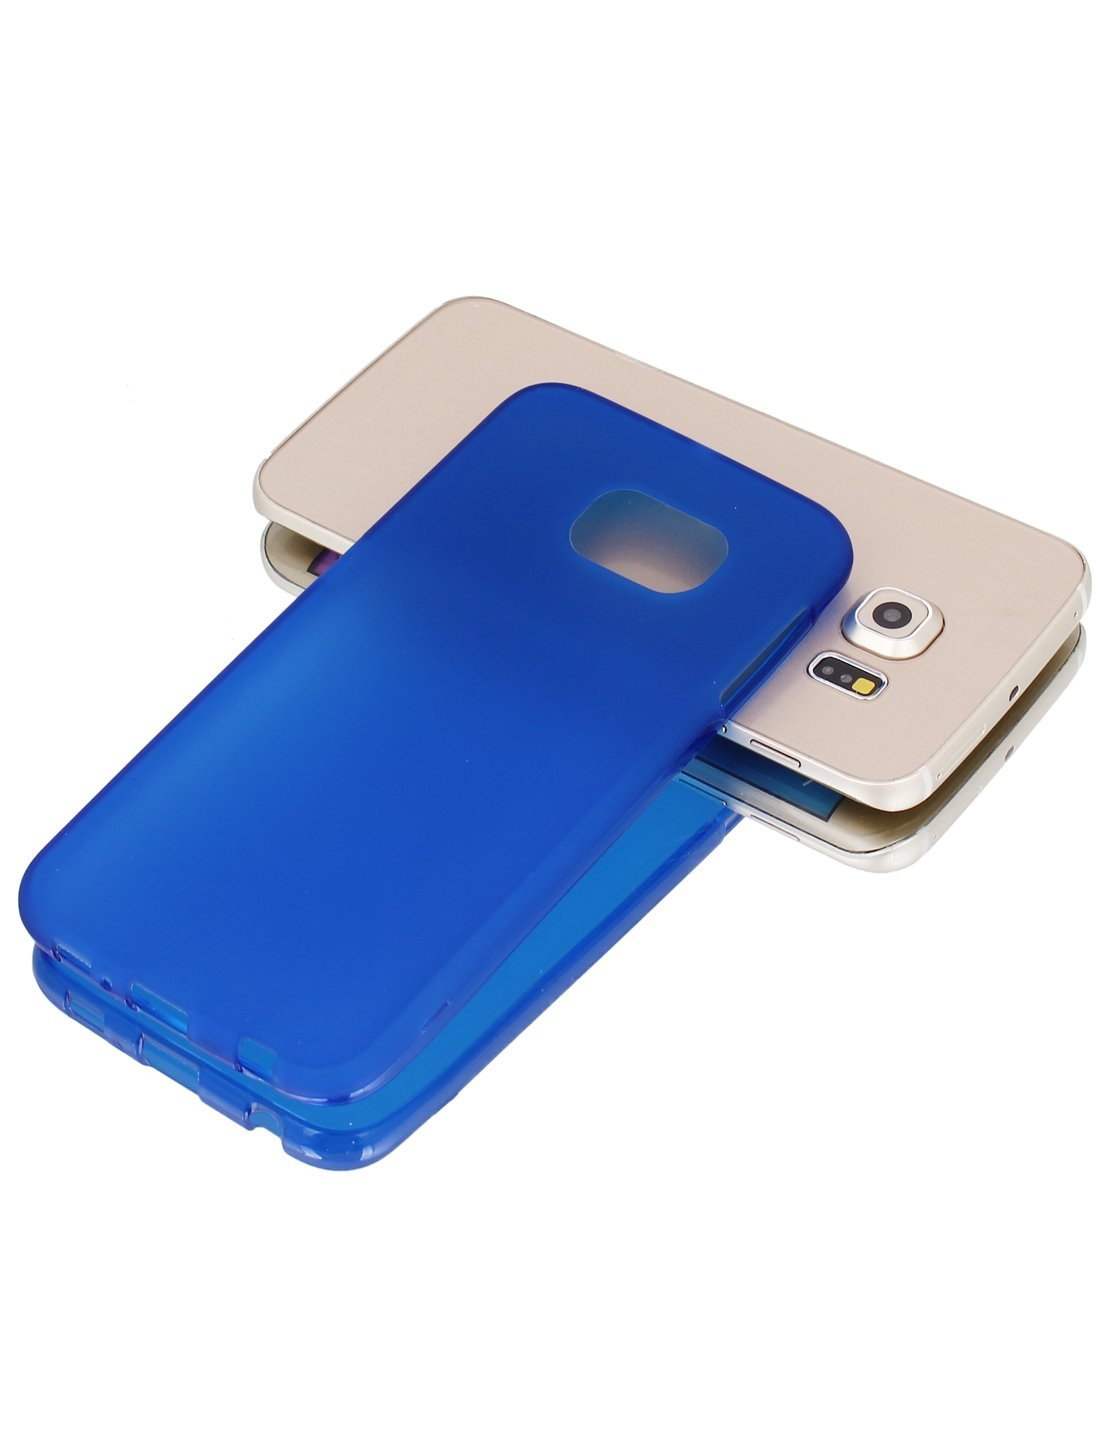 Amazon.com: eDealMax De silicona de Nuevo caso w Azul de la cubierta protectora de la película limpiaparabrisas Para S6 / G925: Electronics